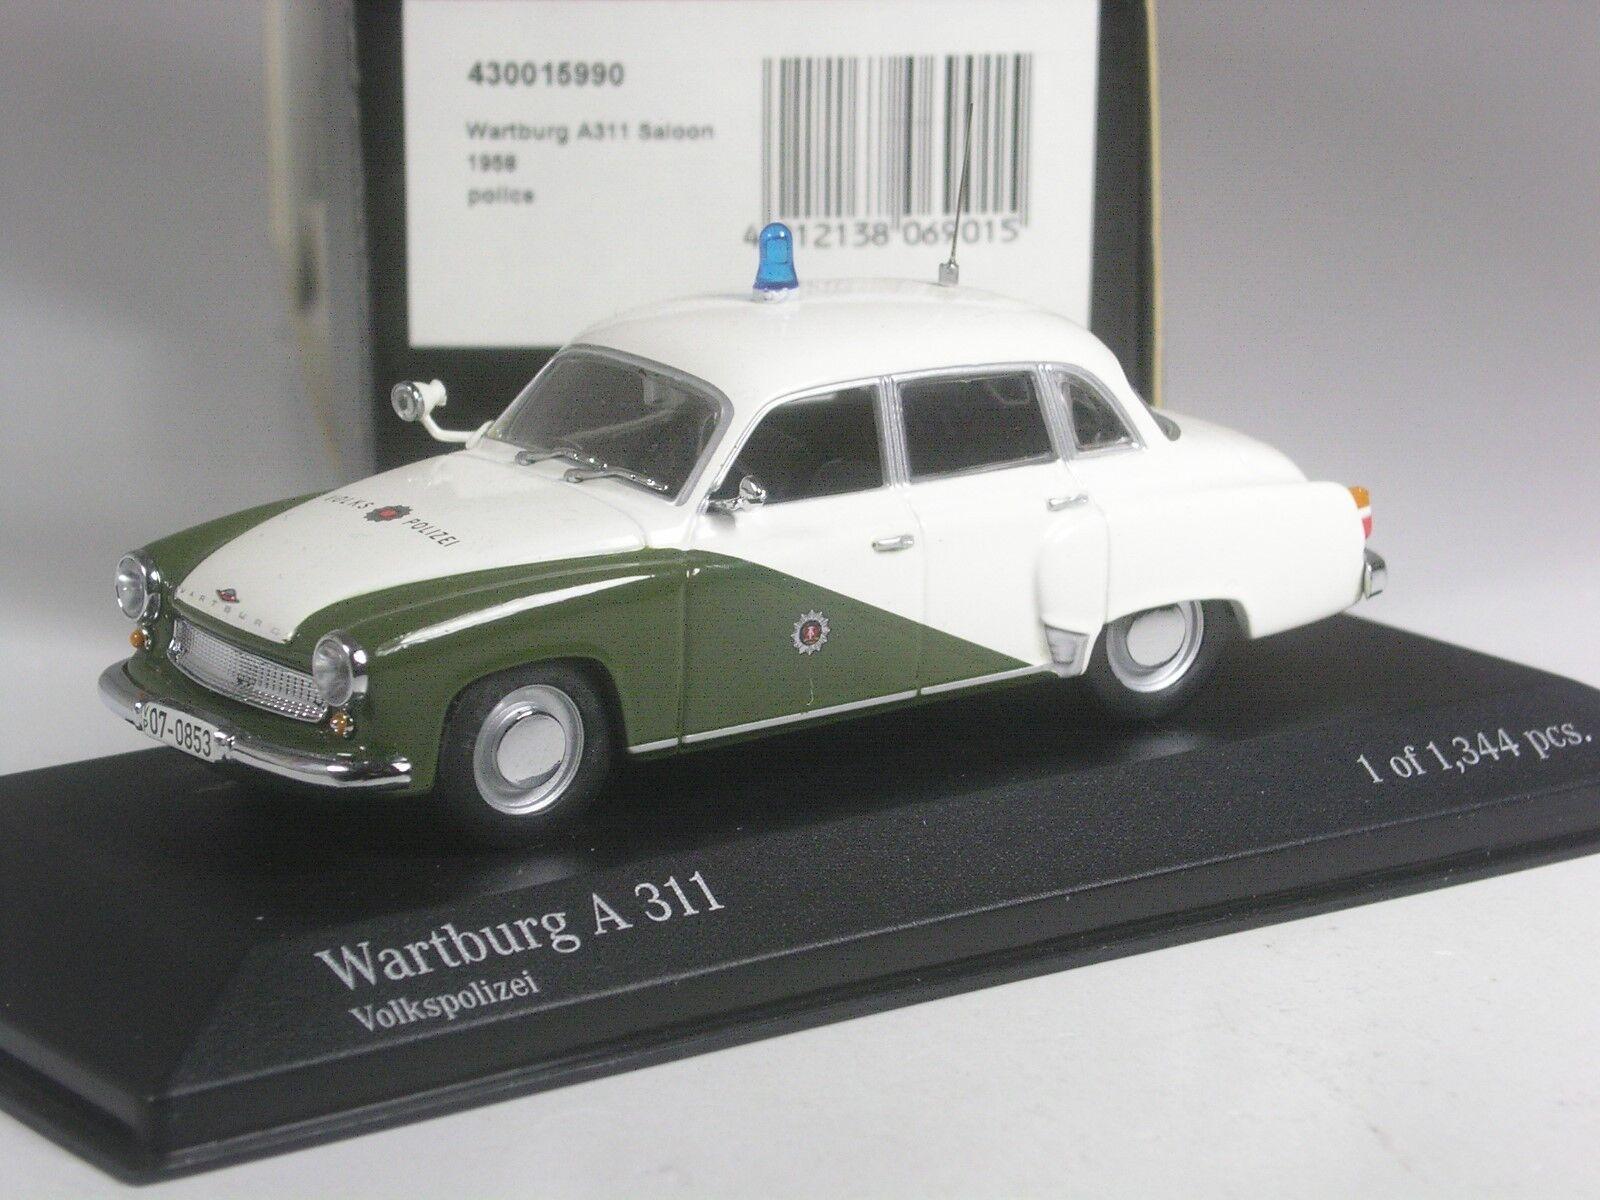 (KI-07-19) Minichamps Wartburg A 311 DDR Volkspolizei in 1 43 in OVP